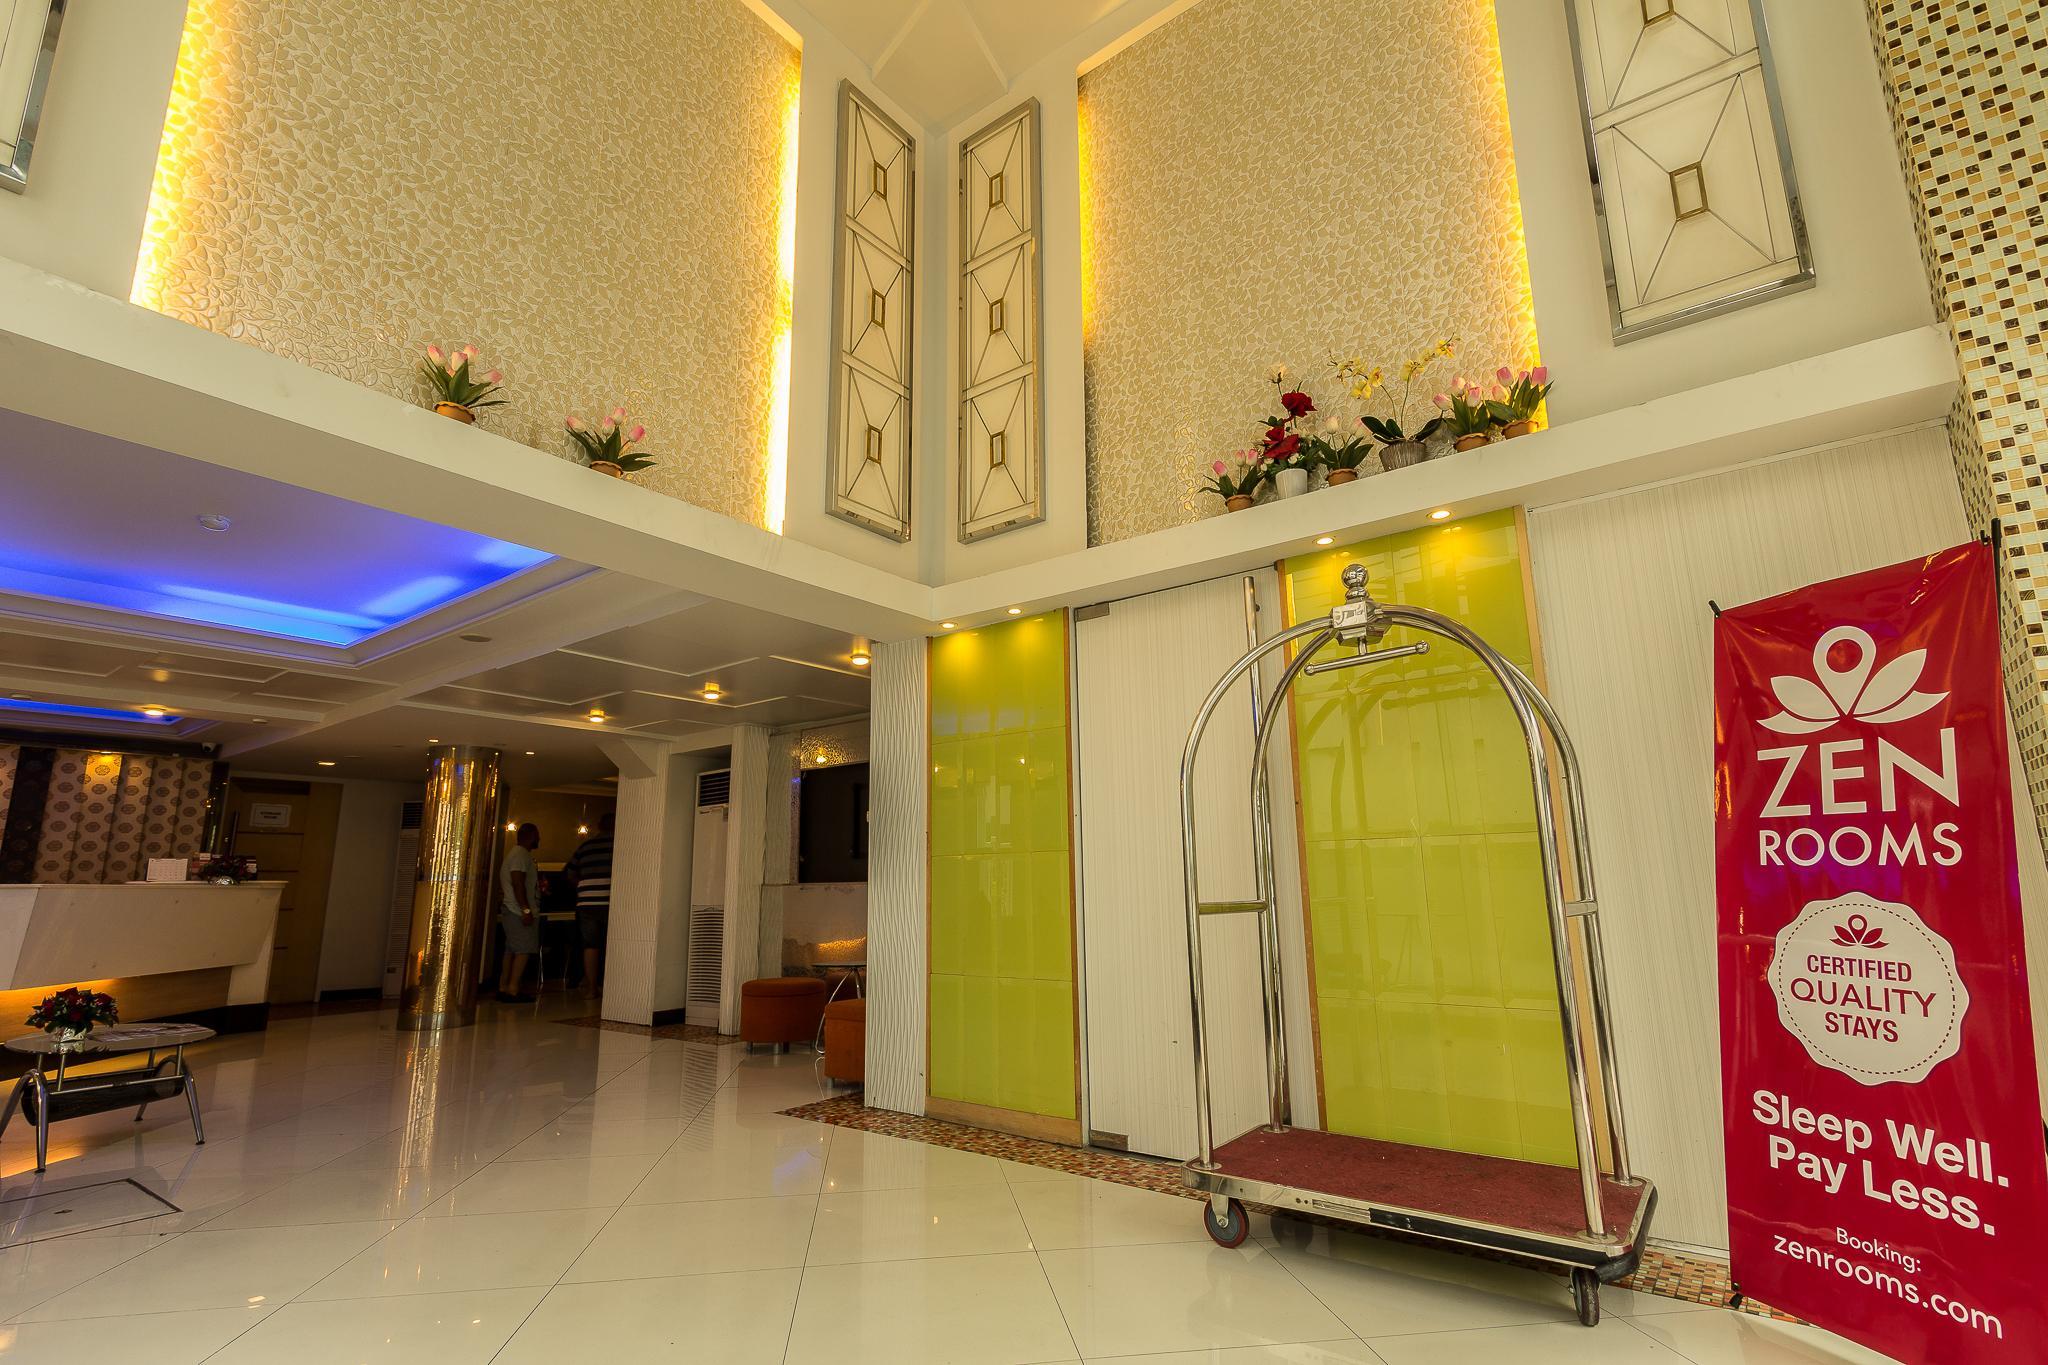 โรงแรมสมาร์ท สวีท